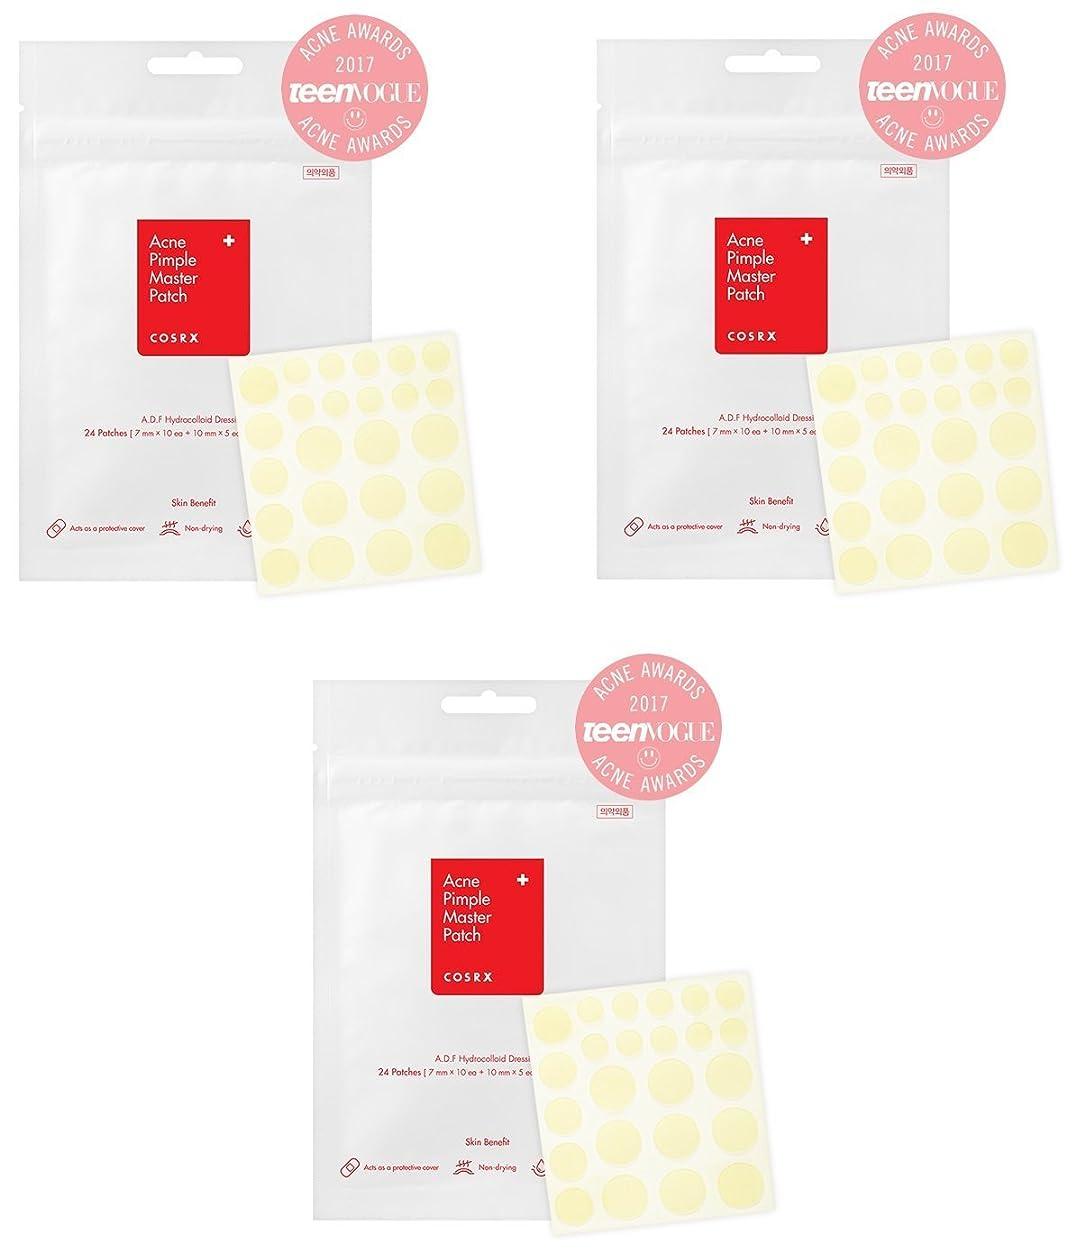 鮮やかな酸化物炭水化物COSRX アクネ ピンプル マスターパッチ 3枚 (Acne Pimple Patch 3pcs) 海外直送品